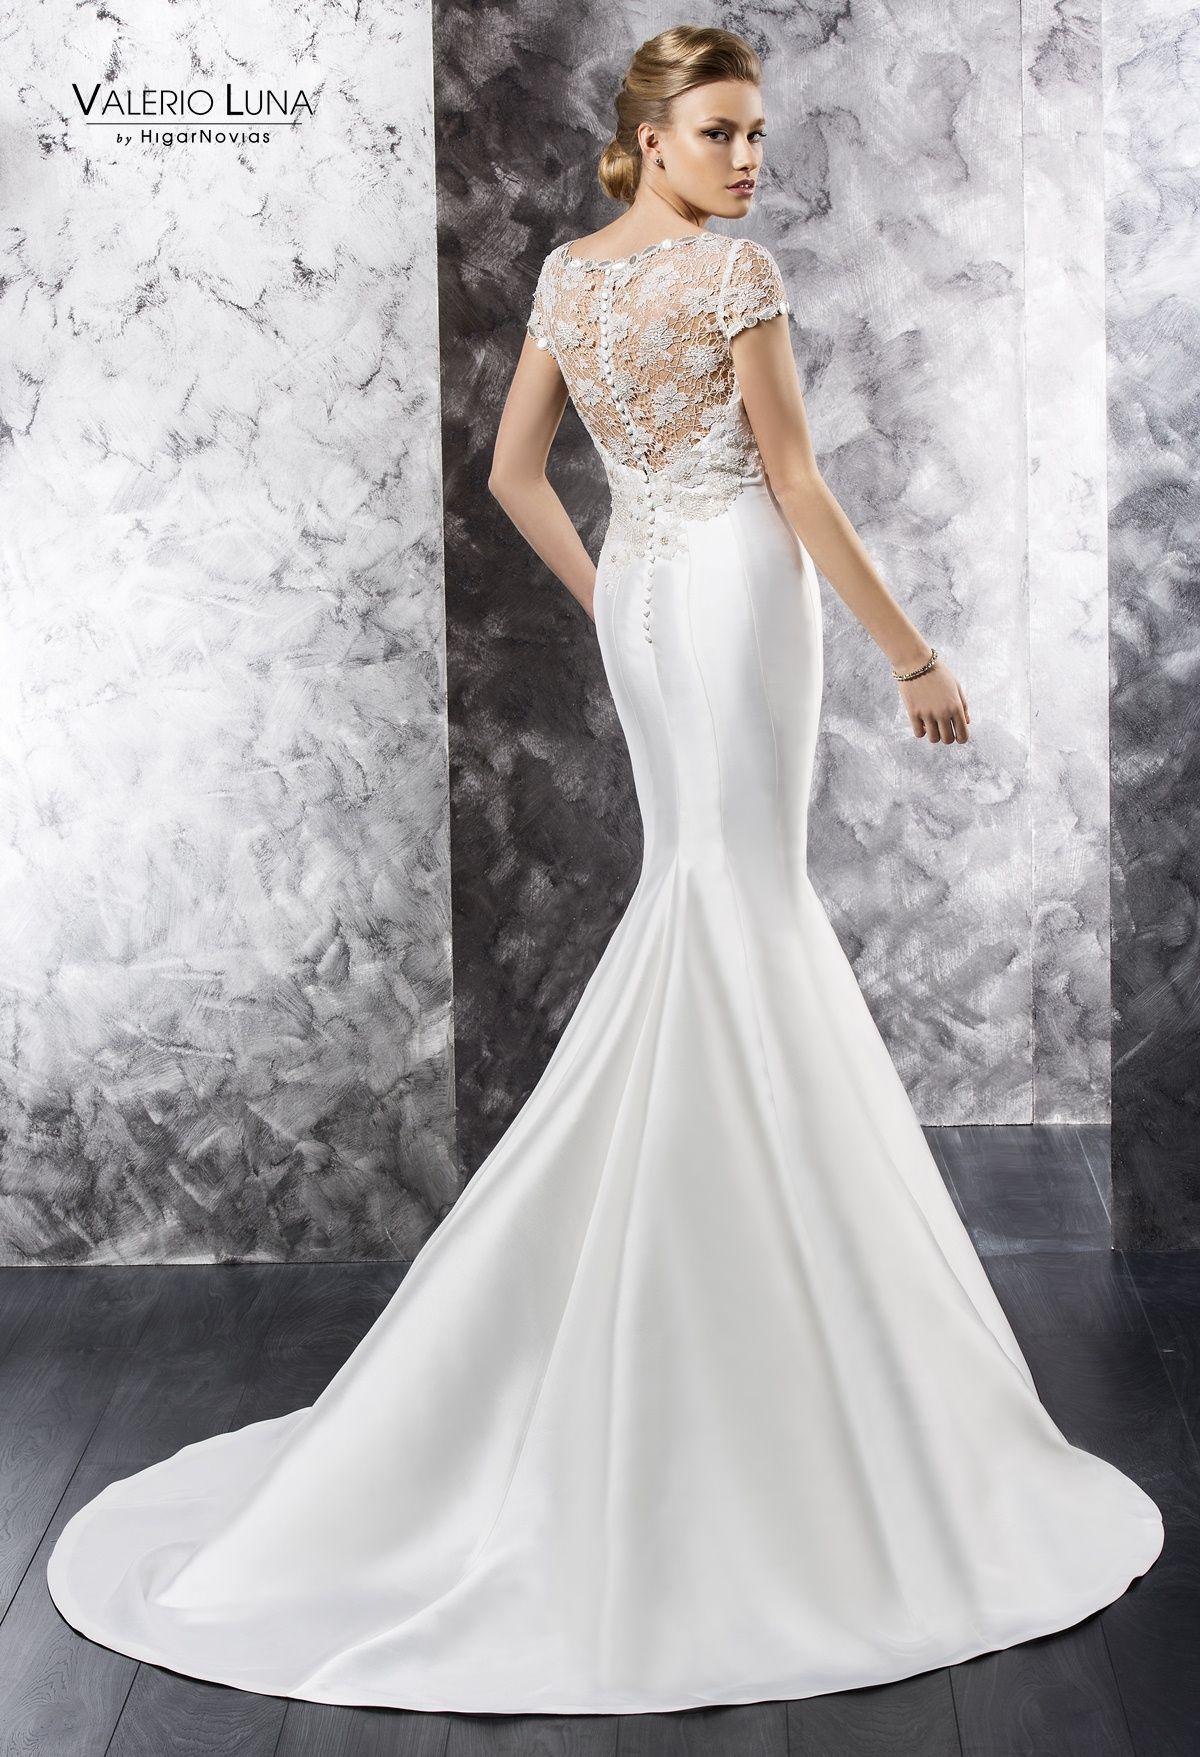 ed2f96fef Vestido de novia de mikado natural cortado debajo del pecho con cuerpo de  guipur.  Valerio Luna  novia  boda